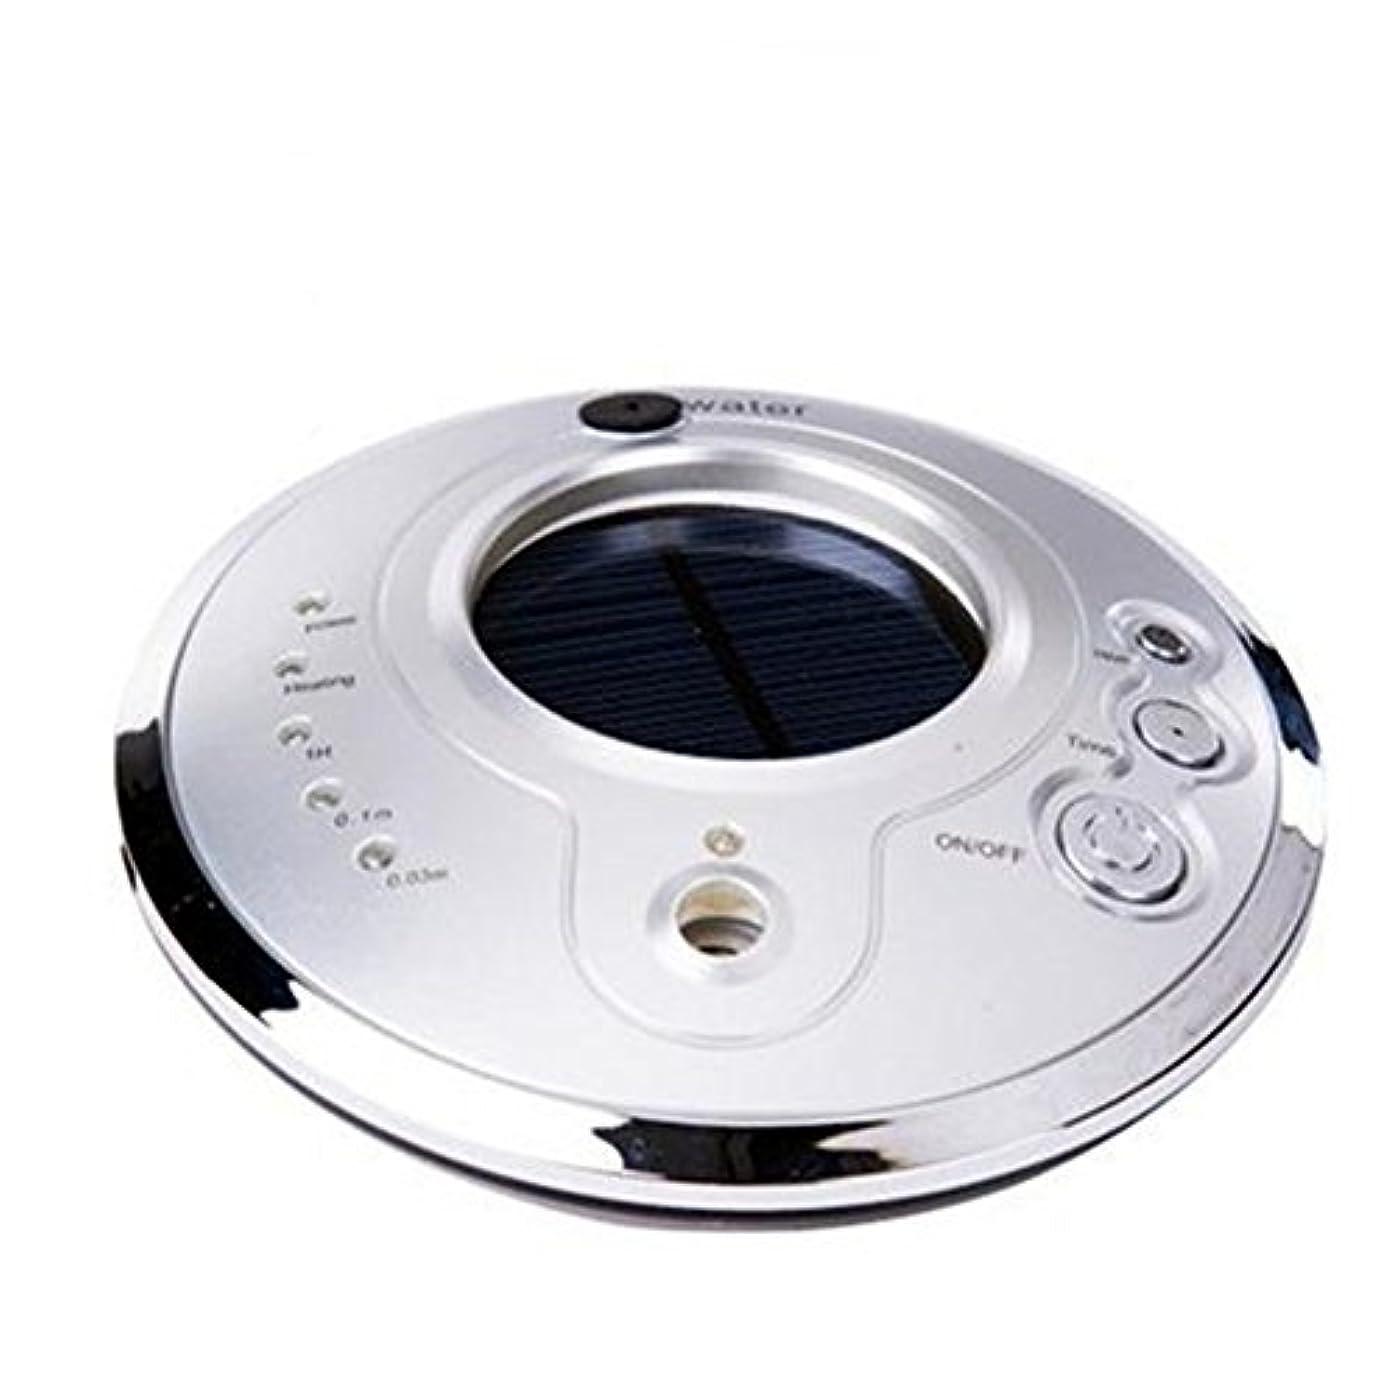 ヤギ含める息を切らしてAuroraloveイオン空気清浄機Fresher USB車空気加湿器、ソーラーイオン加湿器、アロマセラピー車Essential Oil Diffuser、超音波車モードで調節可能なミスト加湿器 シルバー